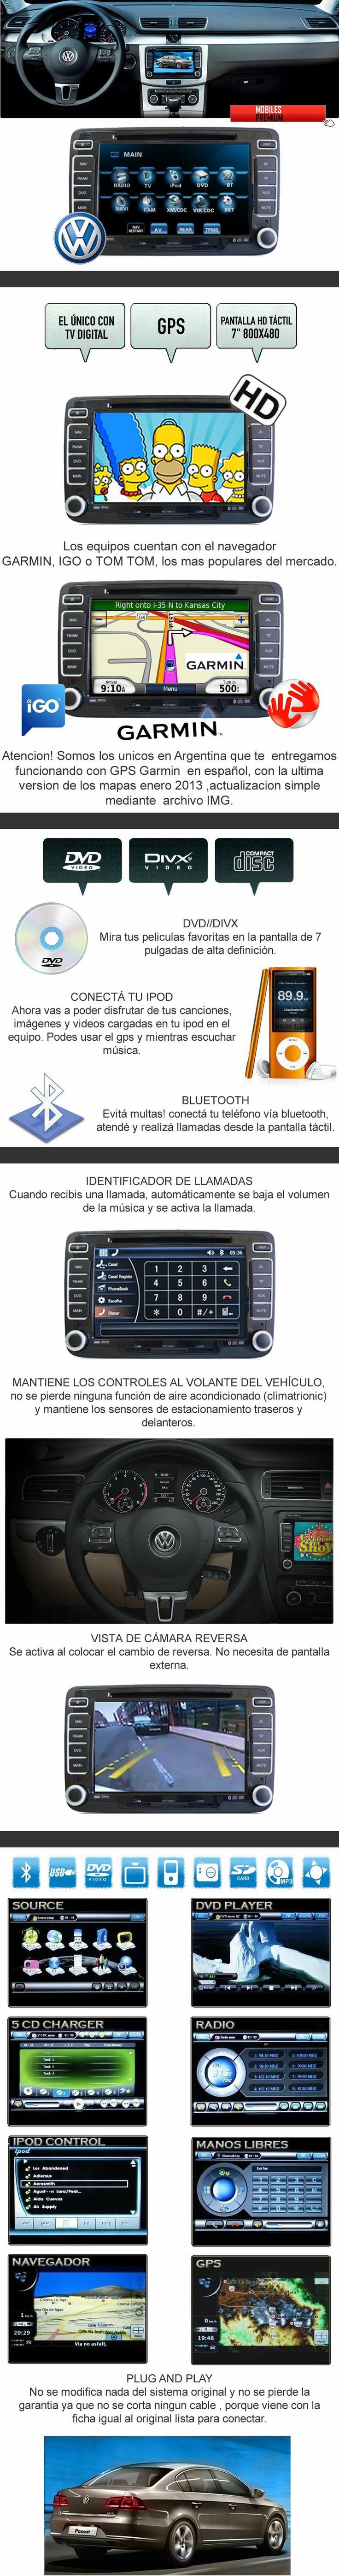 Estereo Multimedia Con Navegador Satelital Volkswagen Passat - Mobiles Premium En Argentina